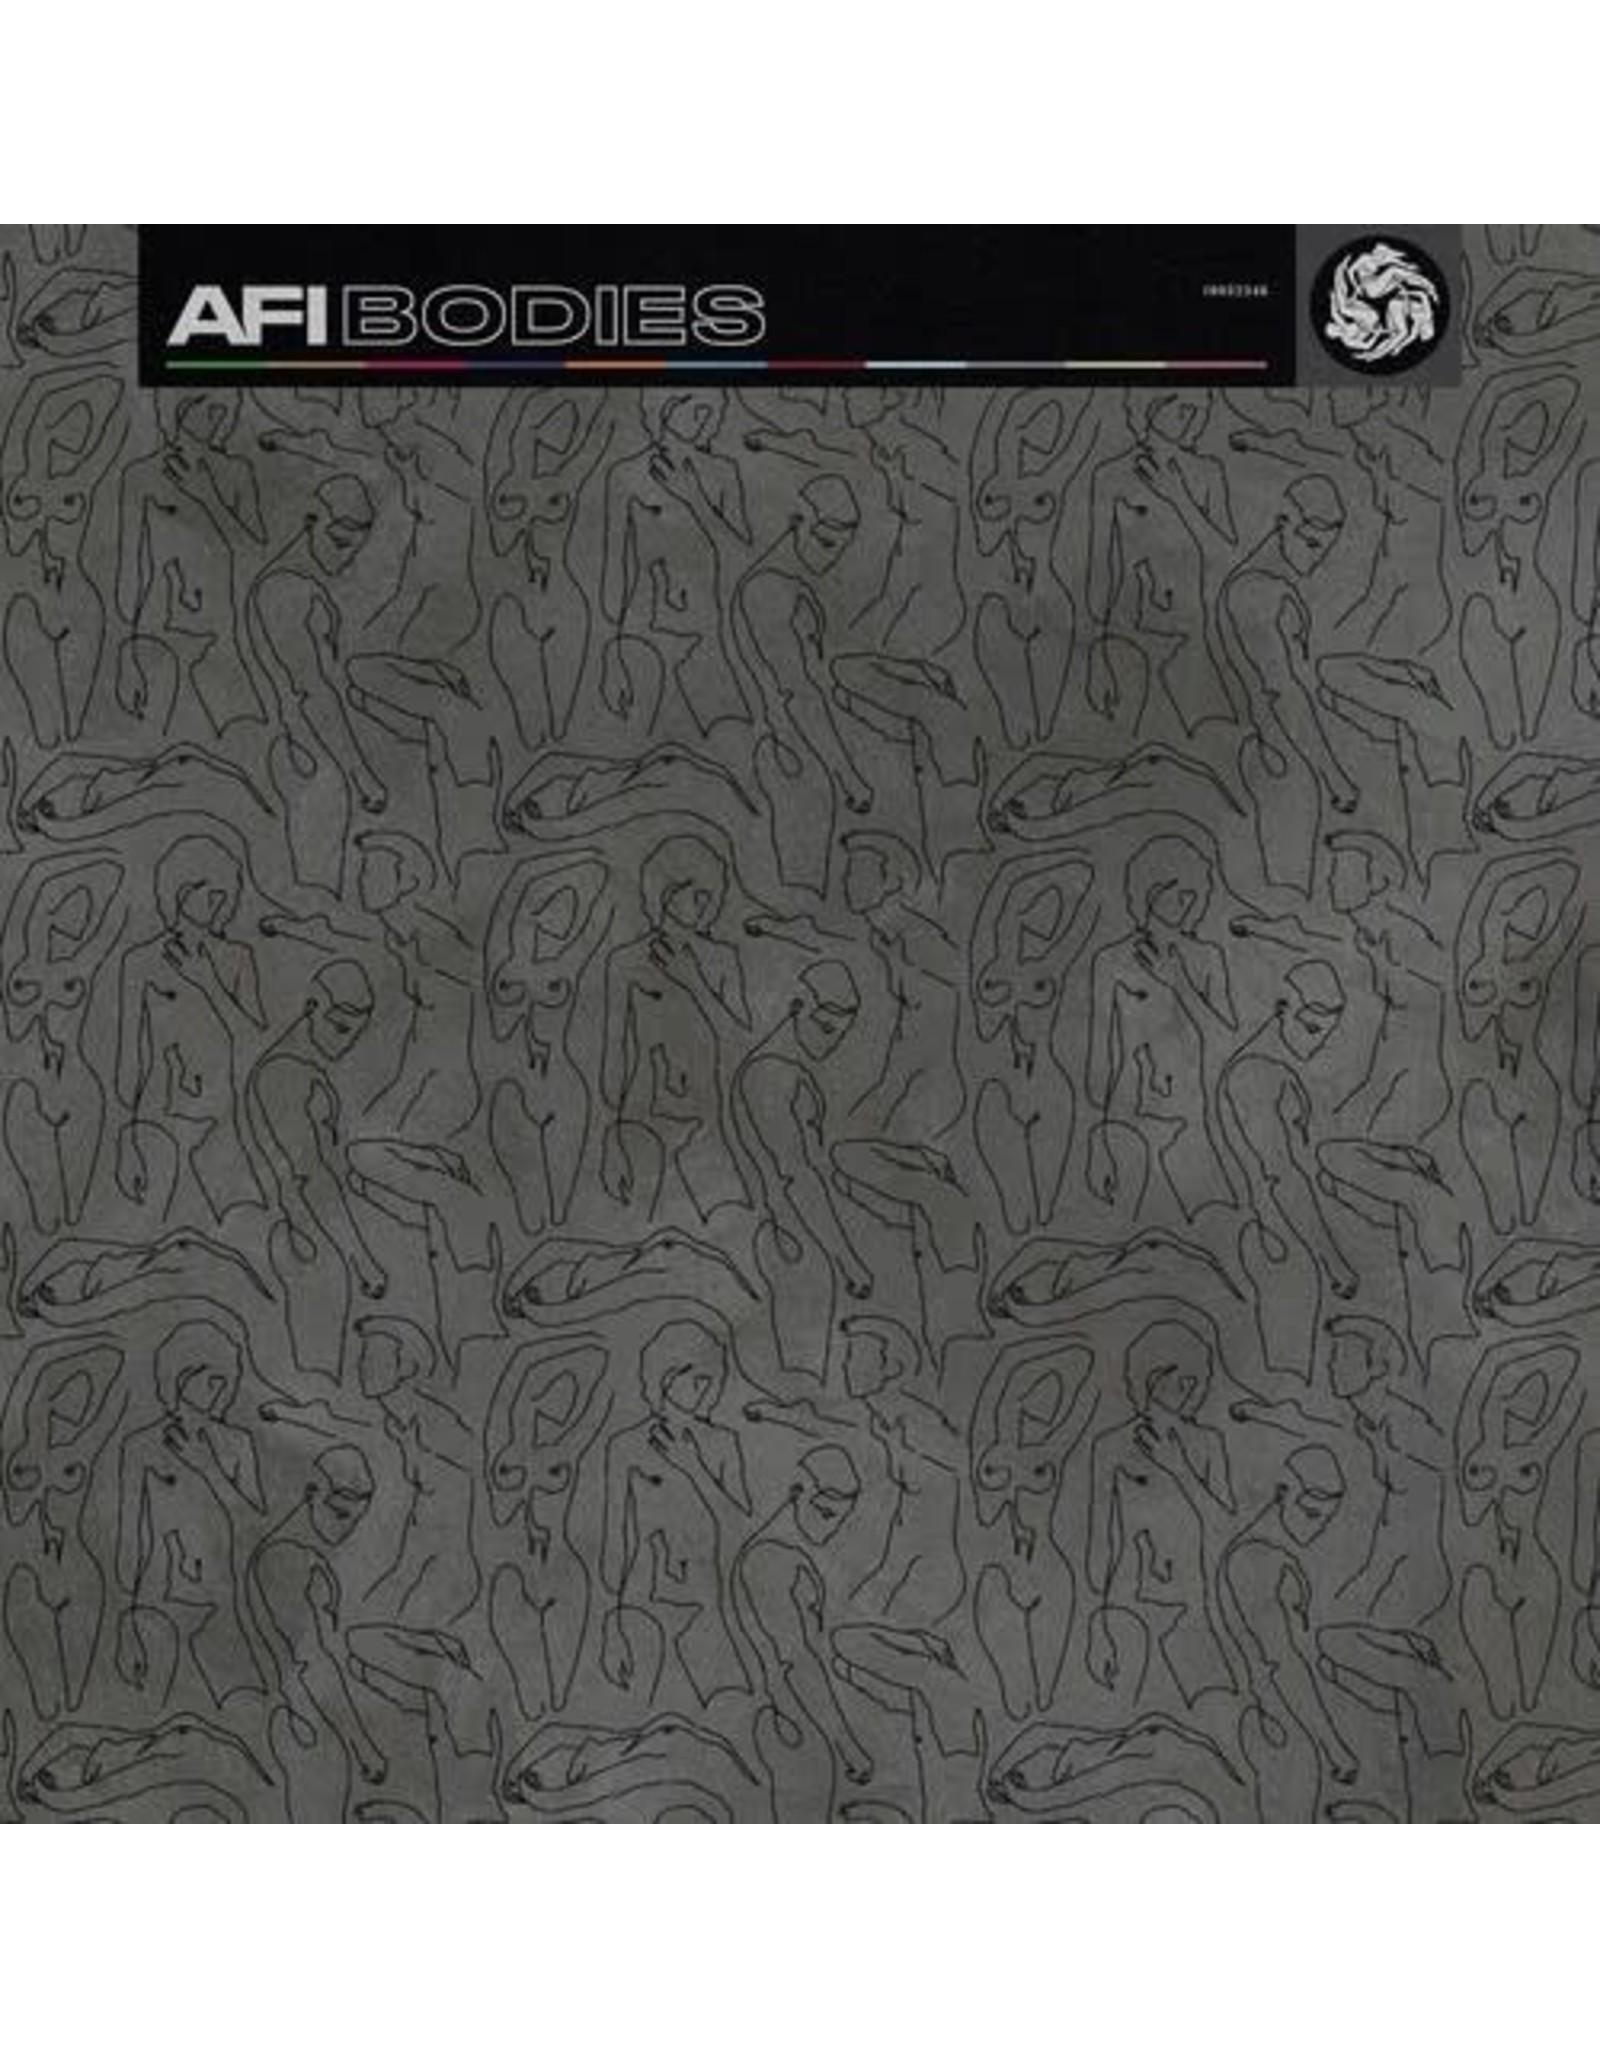 New Vinyl AFI - Bodies (IEX) LP